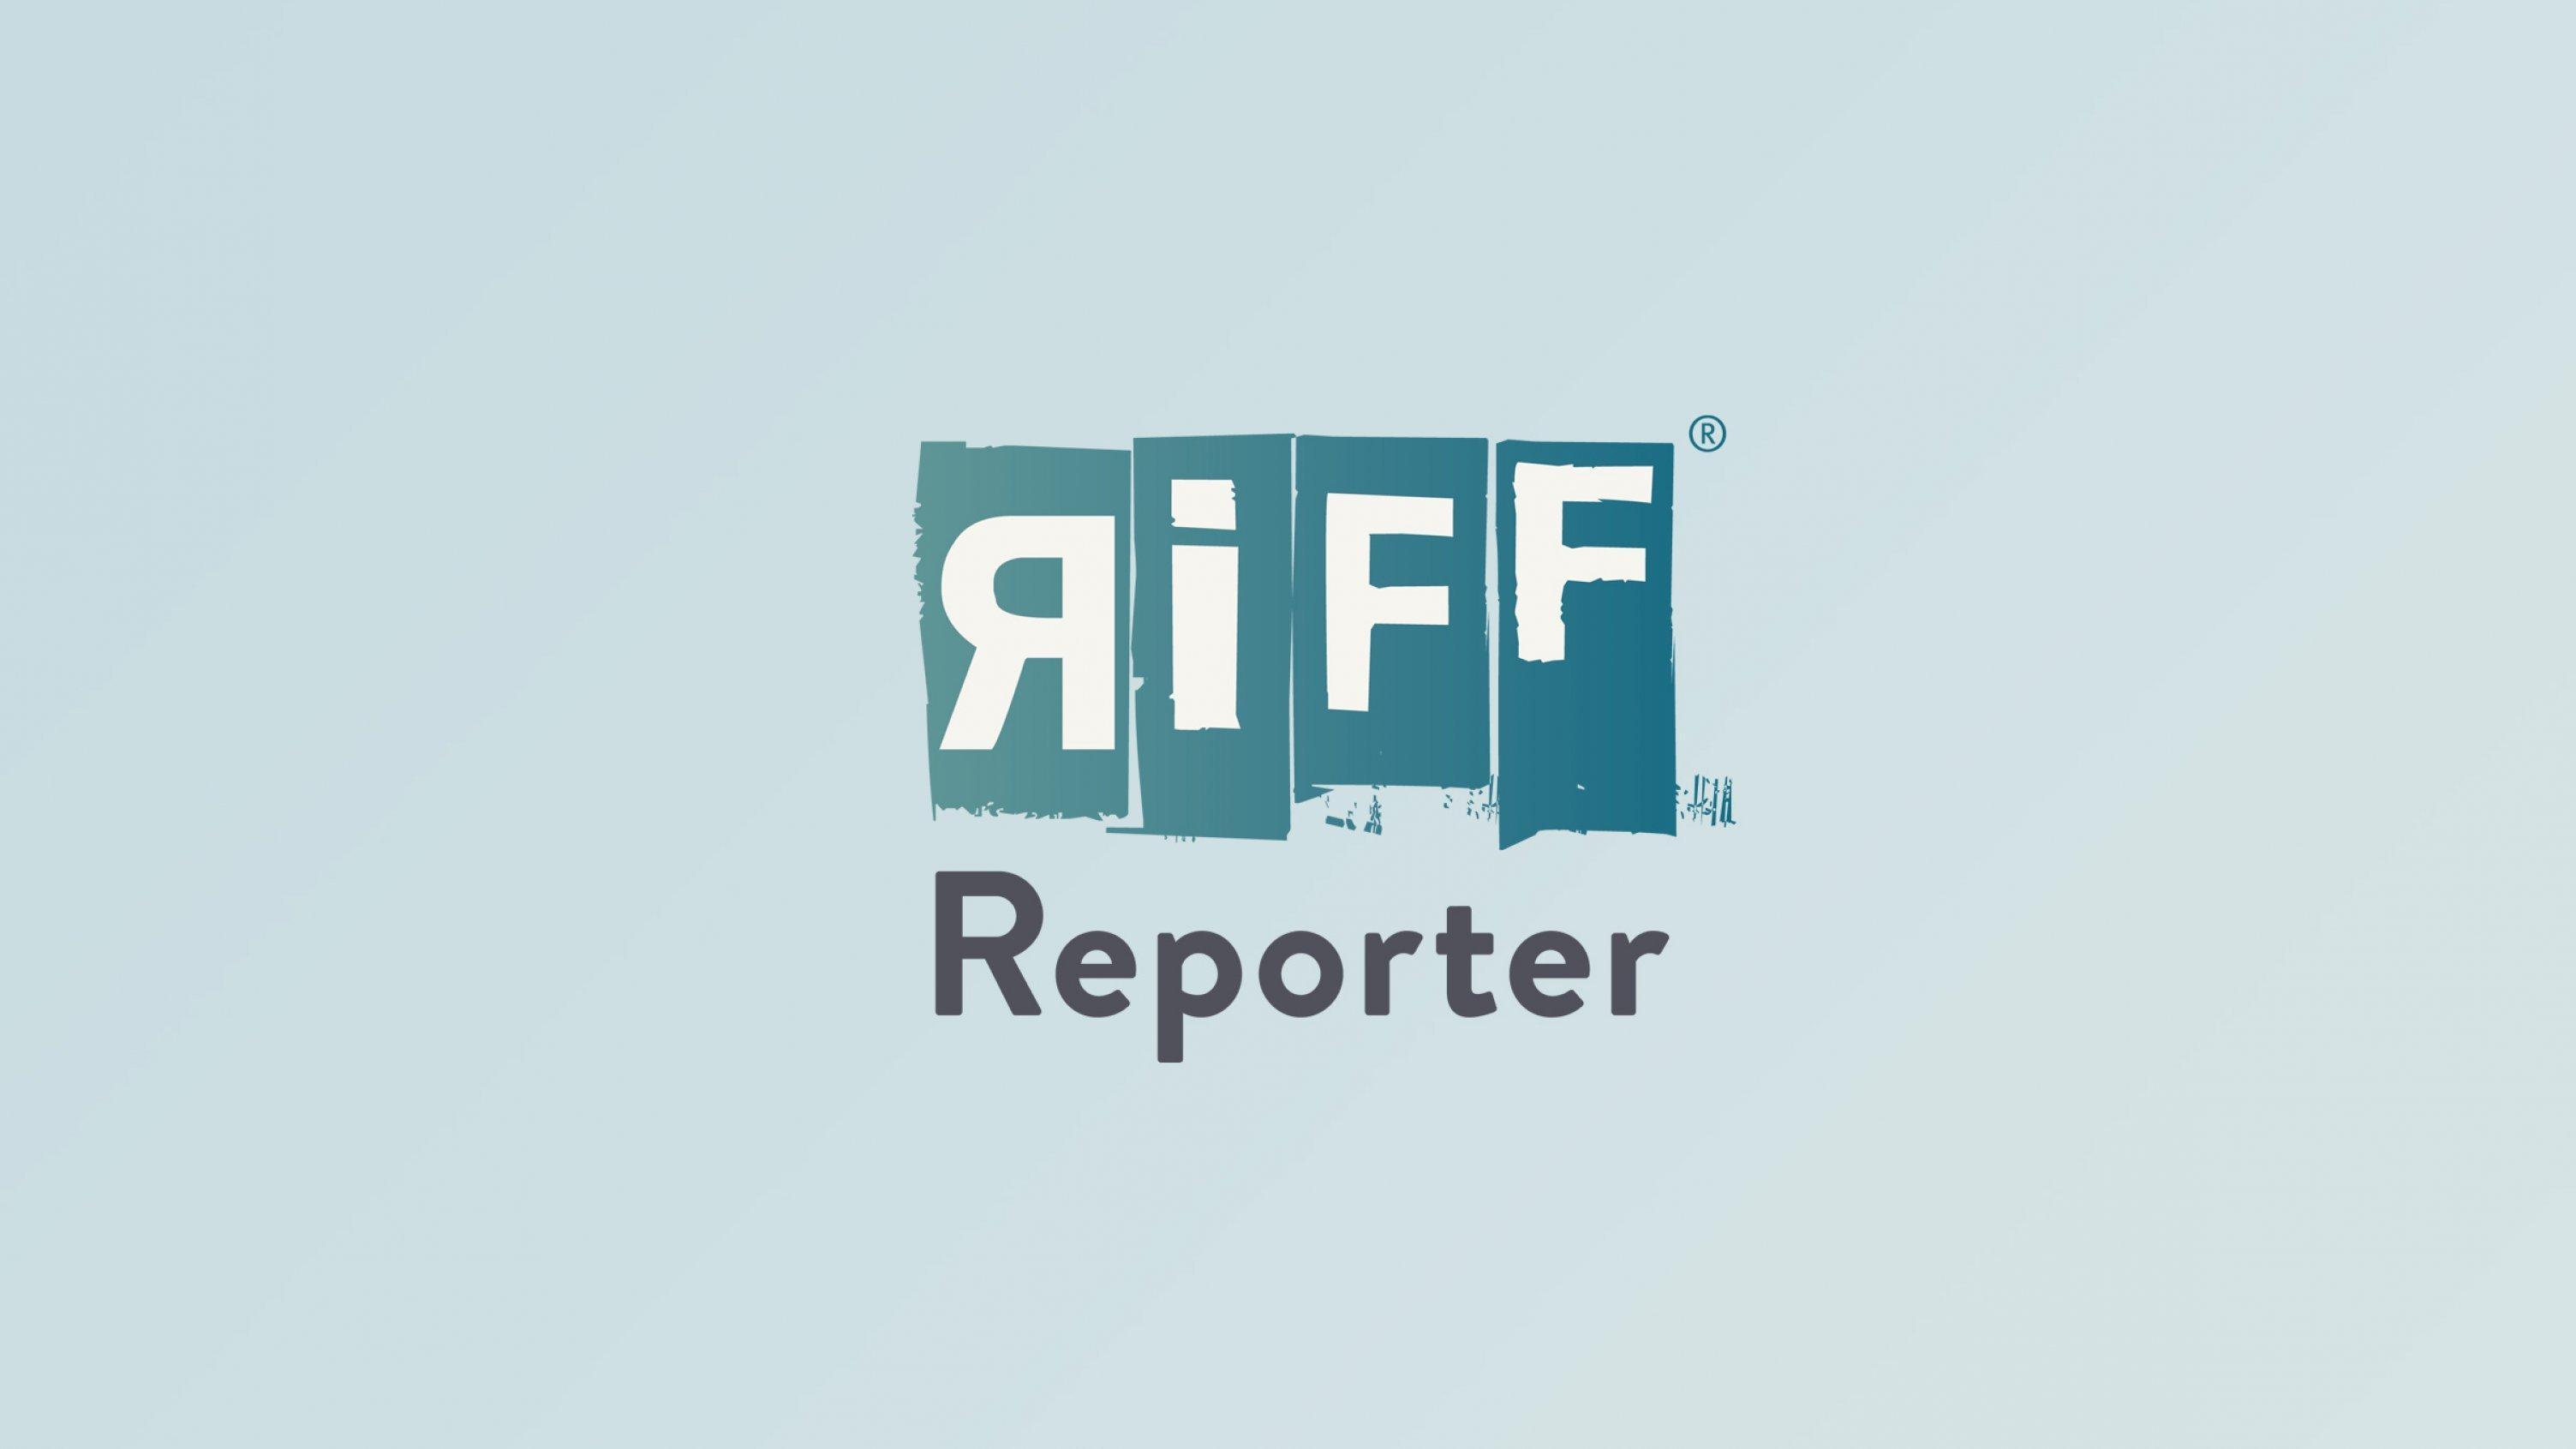 Mushamua Mweze klopft am 01.12.2016in der Mine Zola Zola bei Nzibira in der ostkongolesischen Provinz Süd-Kivu auf der Suche nach wertvollen Mineralien, wie das Zinnerz Kassiterit oder Coltan. Im Kongo liegen große Vorkommen von Rohstoffen, die weltweit für Elektronikbauteile benötigt werden. Dieser Reichtum lockt Milizen an, die die Bevölkerung terrorisieren und das Land ausbeuten.